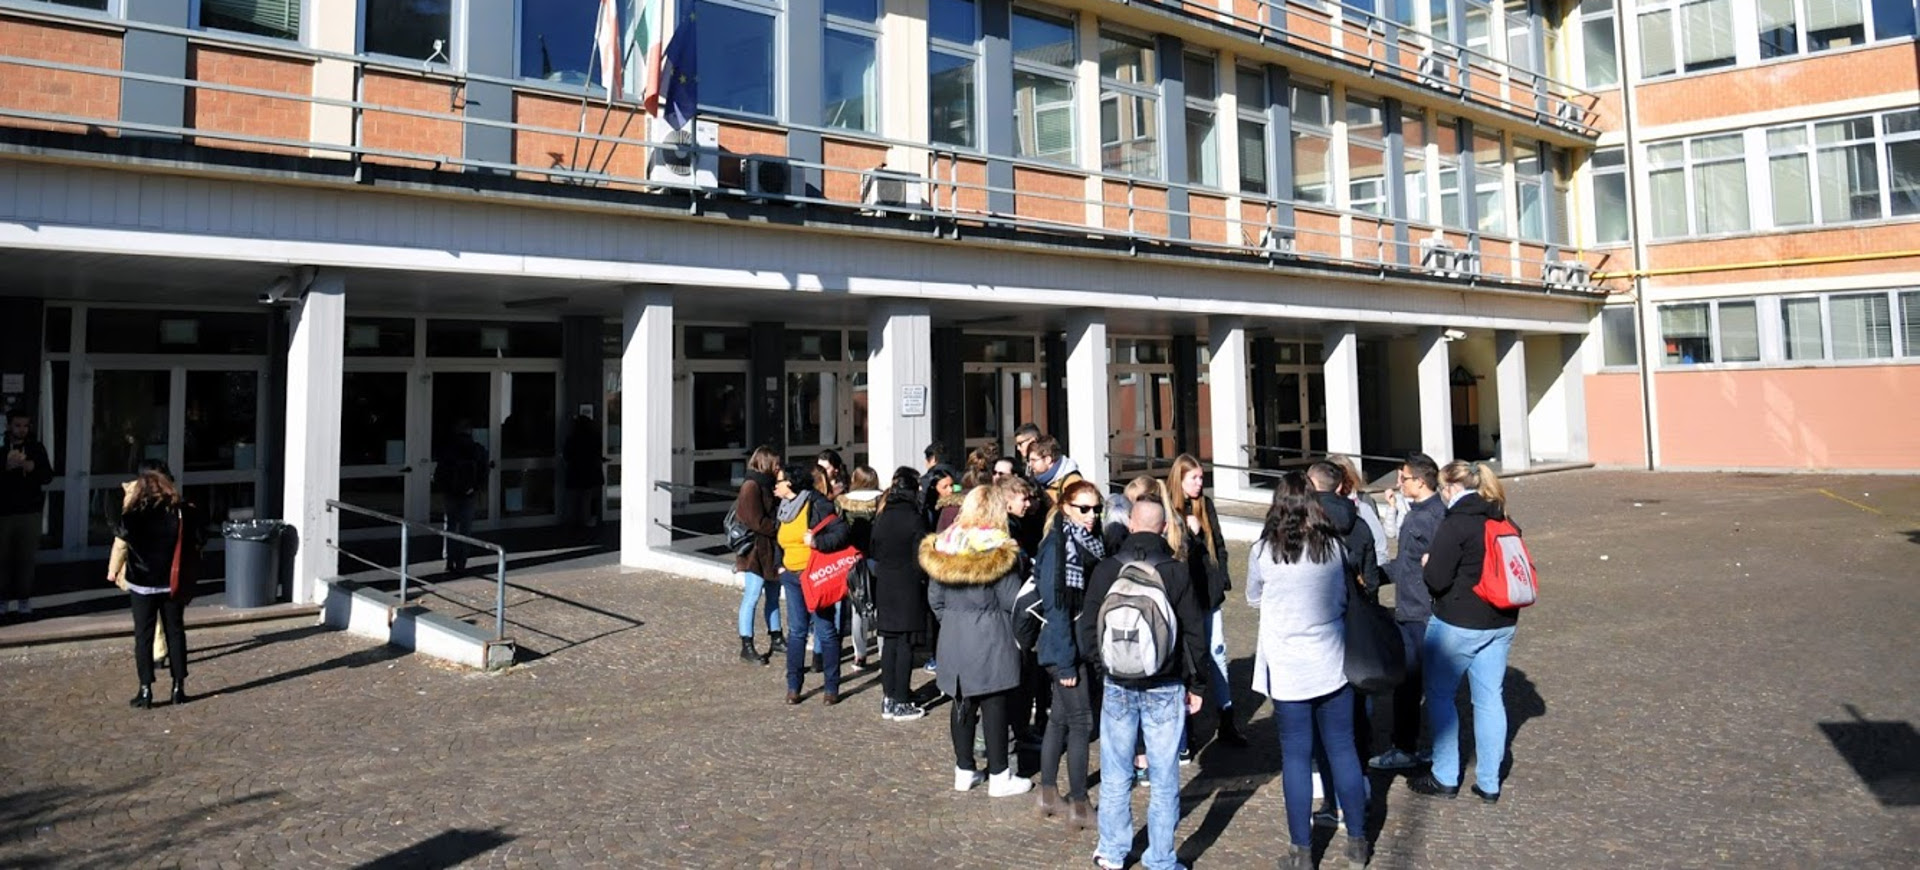 Studenti all'entrata a scuola